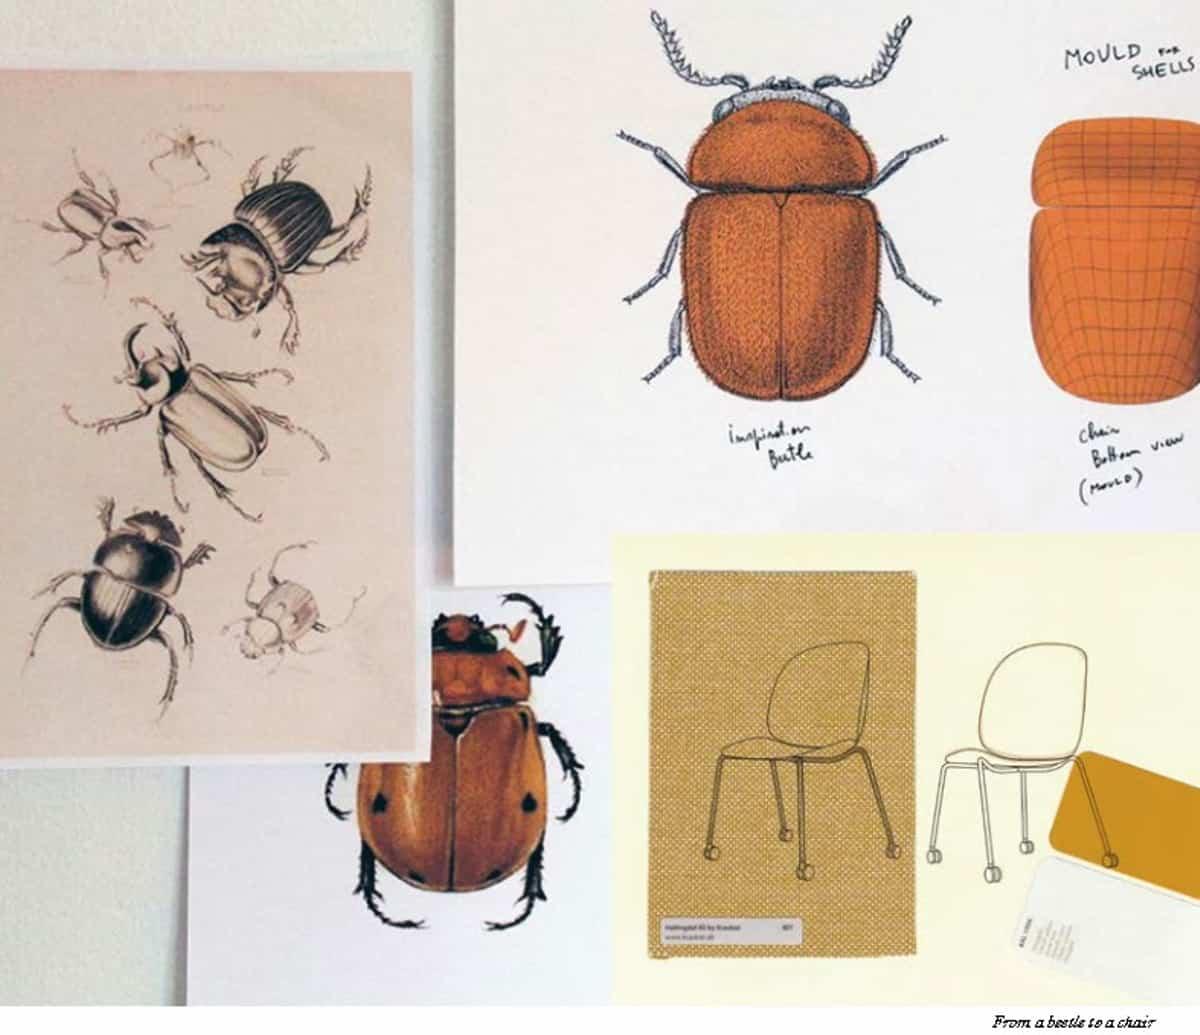 silla beetle icono de sofisticacion y estilo 8